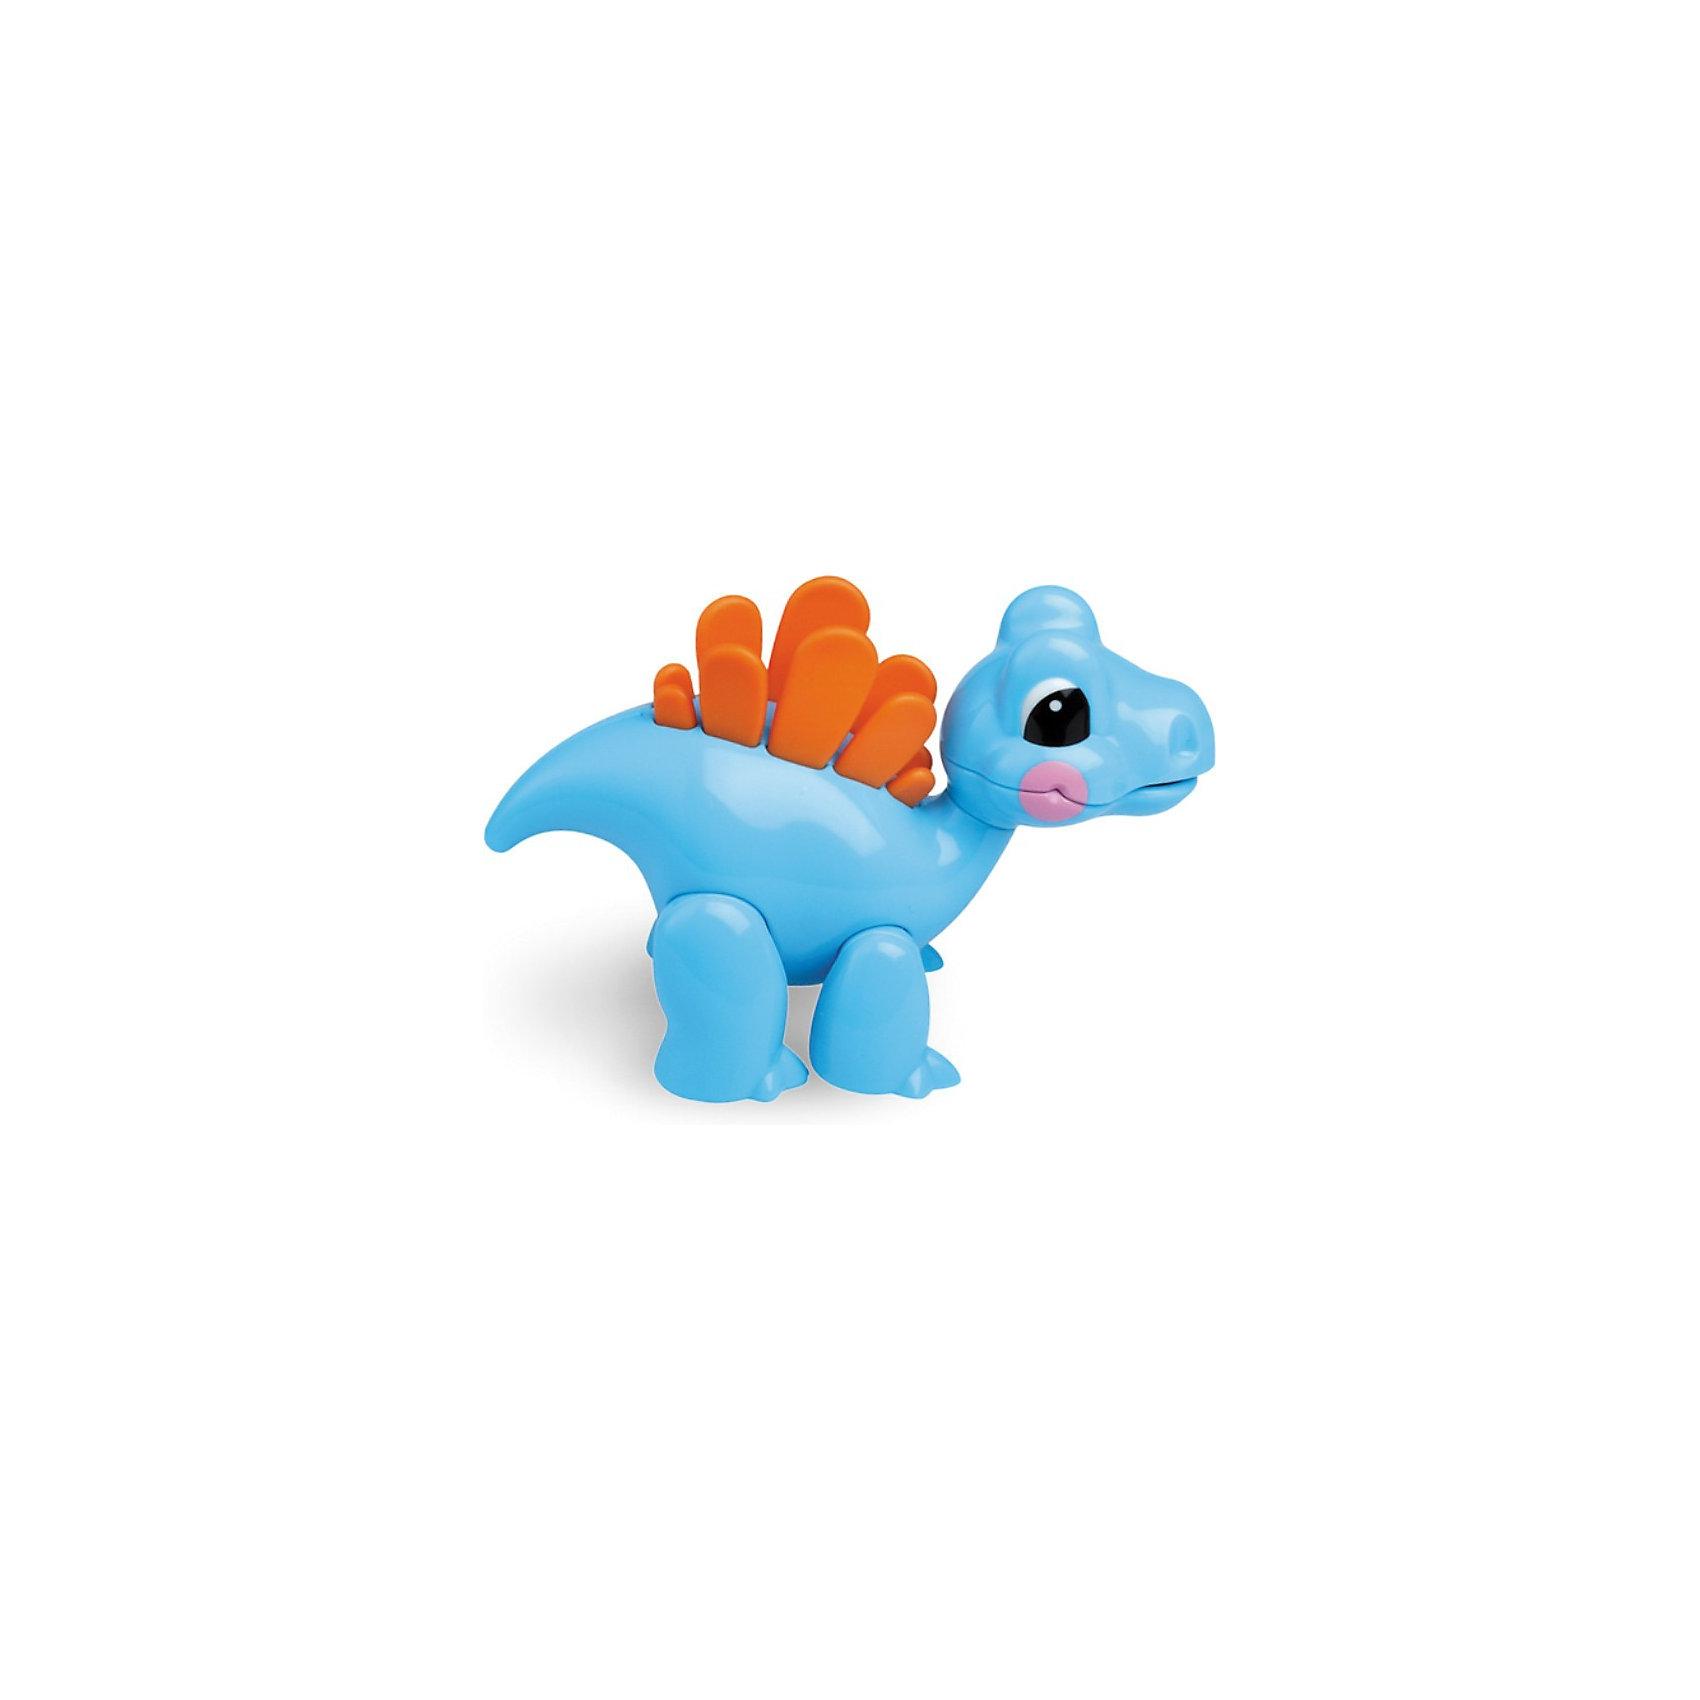 TOLO Фигурка Стегозавр, Первые друзья, TOLO фигурки игрушки tolo фигурка пещерная девочка